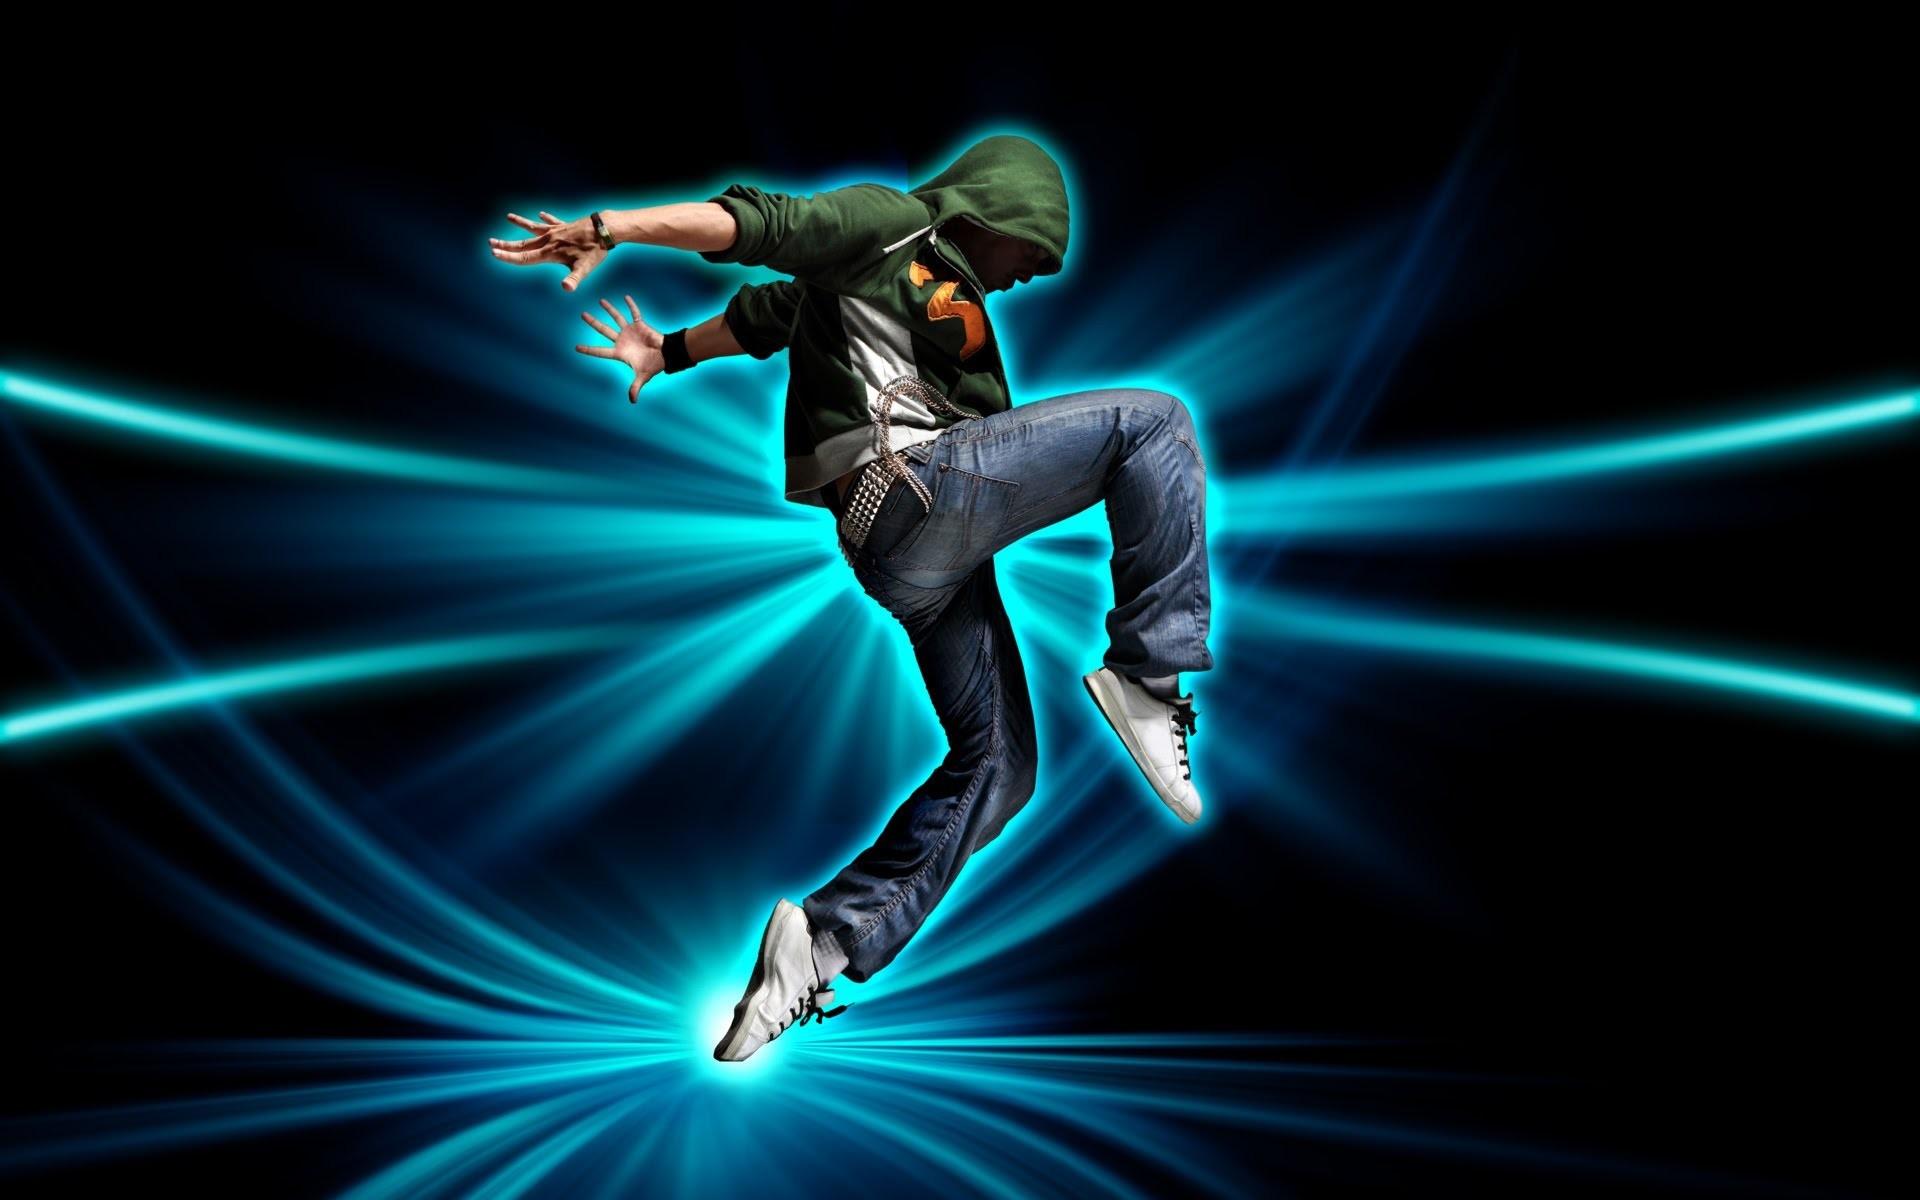 Hip Hop Dance Images Hd Download 1920x1200 Download Hd Wallpaper Wallpapertip